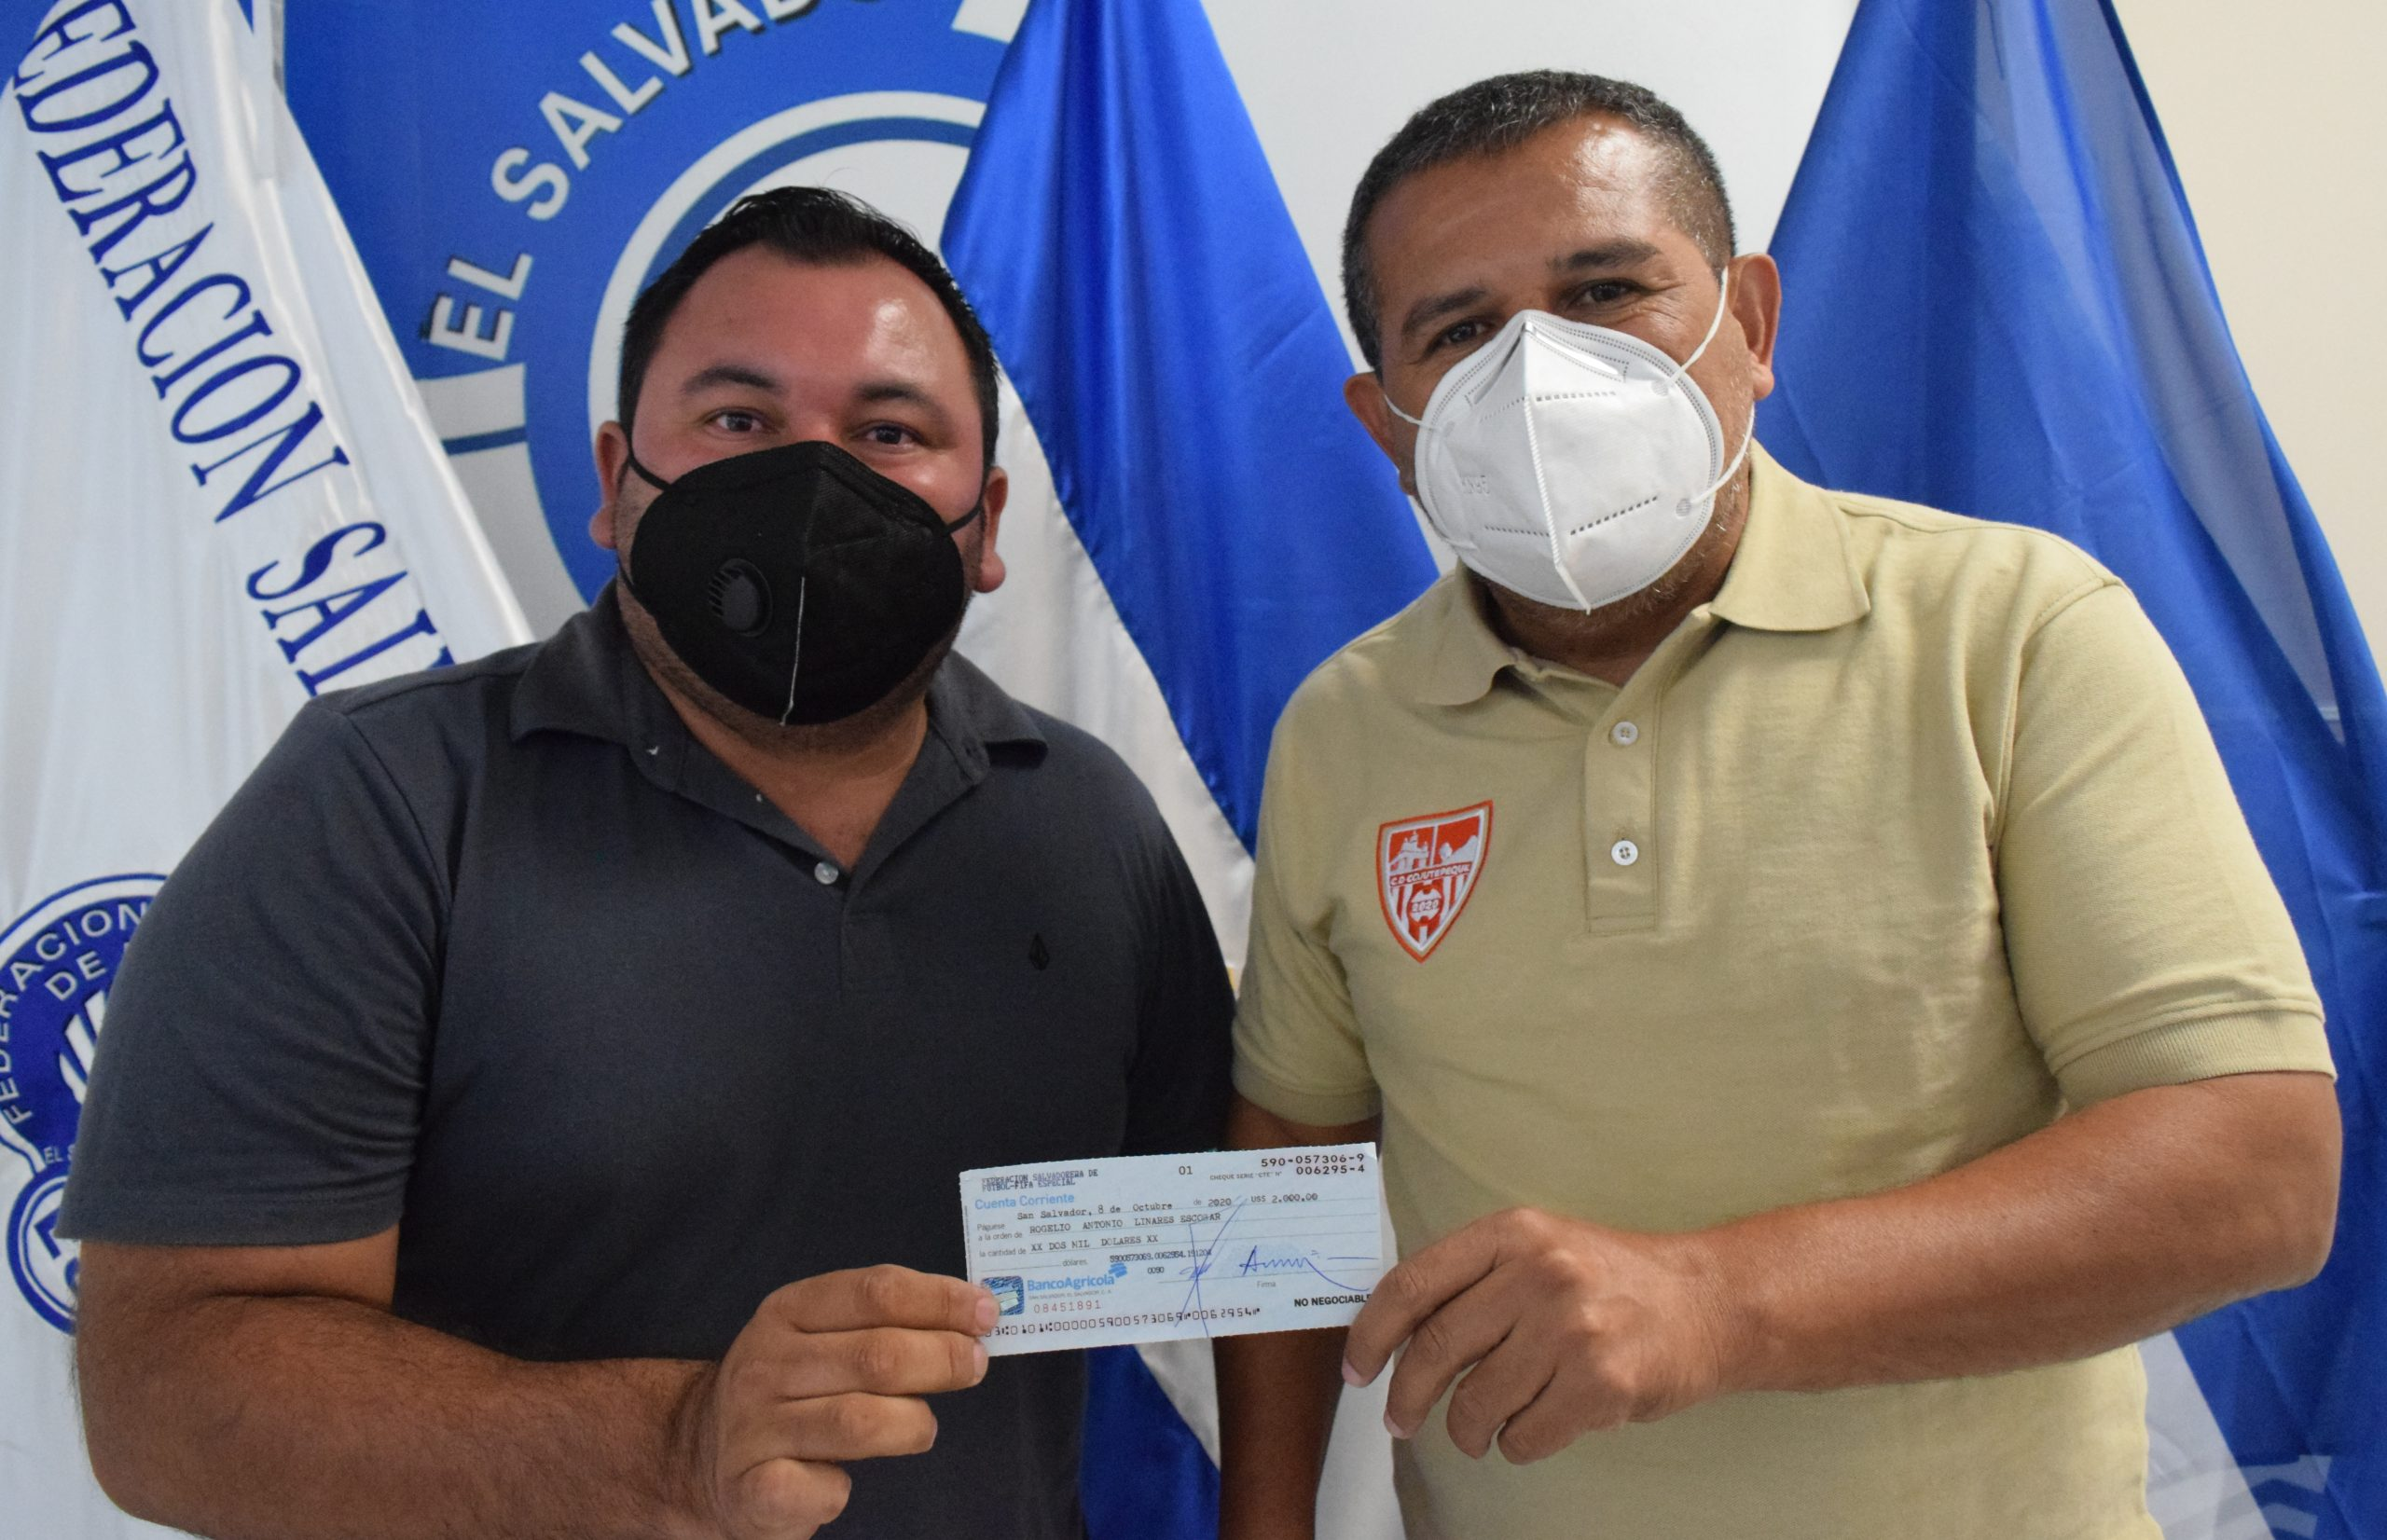 Señor Antonio Linares de Club Deportivo Juventud Candelareña de Candelaria la Frontera, Santa Ana